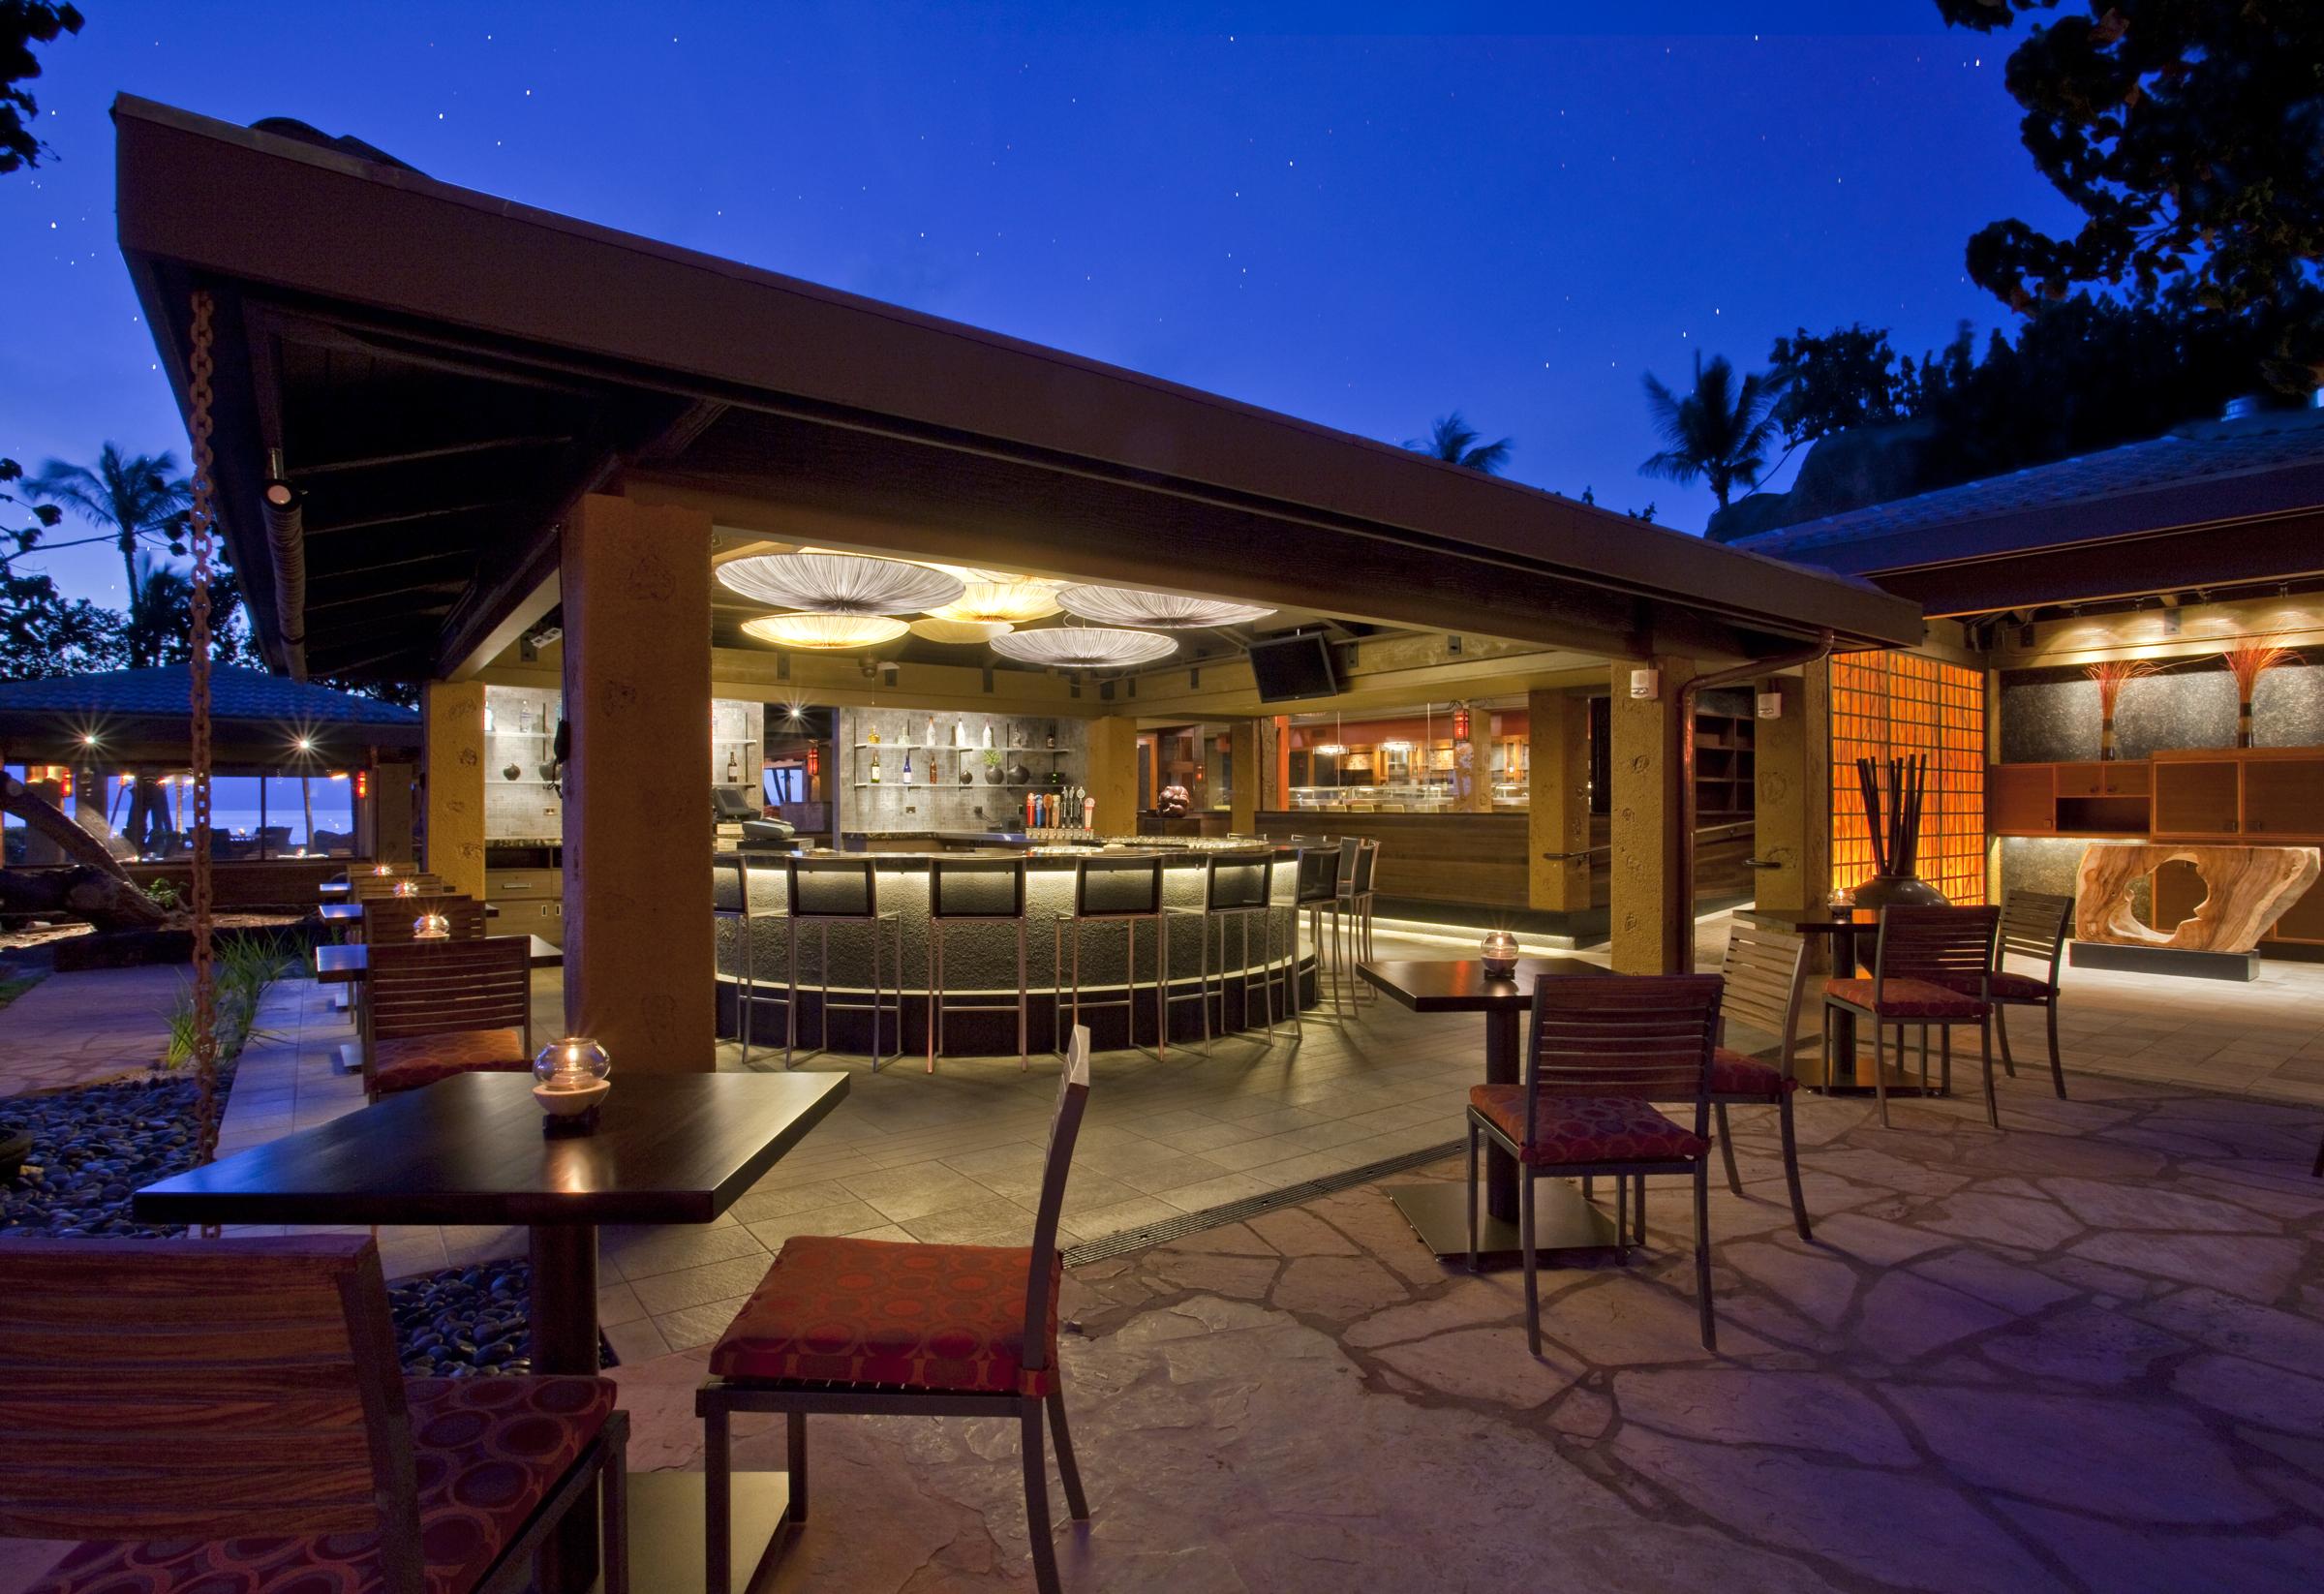 Japengo Restaurant at Hyatt Regency Maui Resort and Spa Reopens